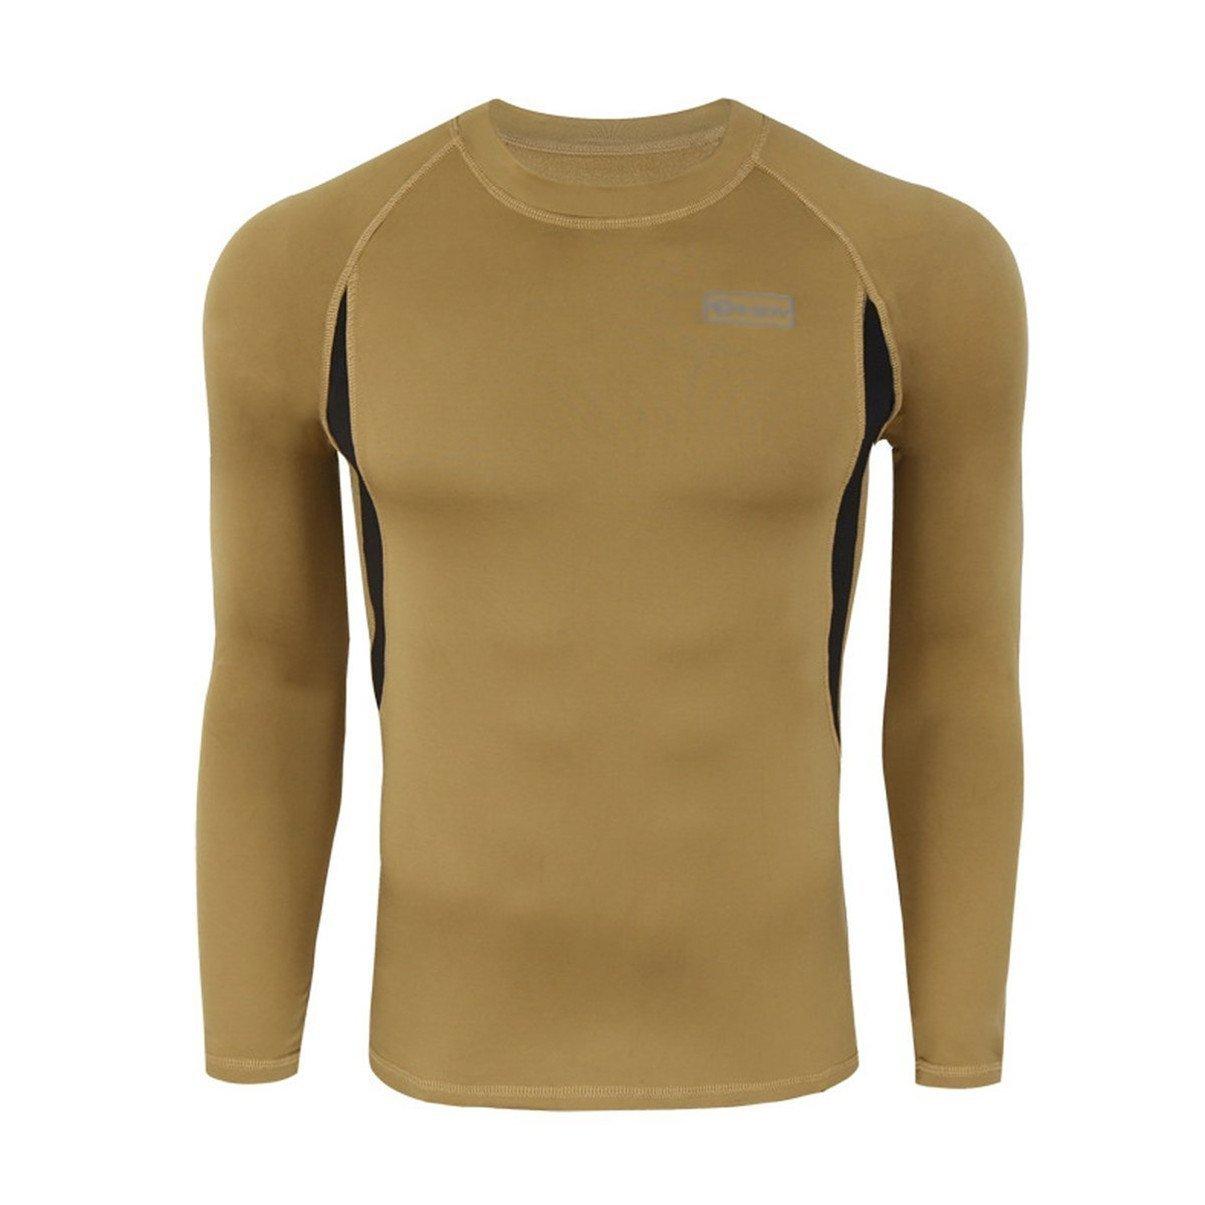 BLF - Conjunto de ropa interior caliente para el invierno, ropa térmica interior para el traje de esquí, manga larga y pantalón largo, color marrón, ...